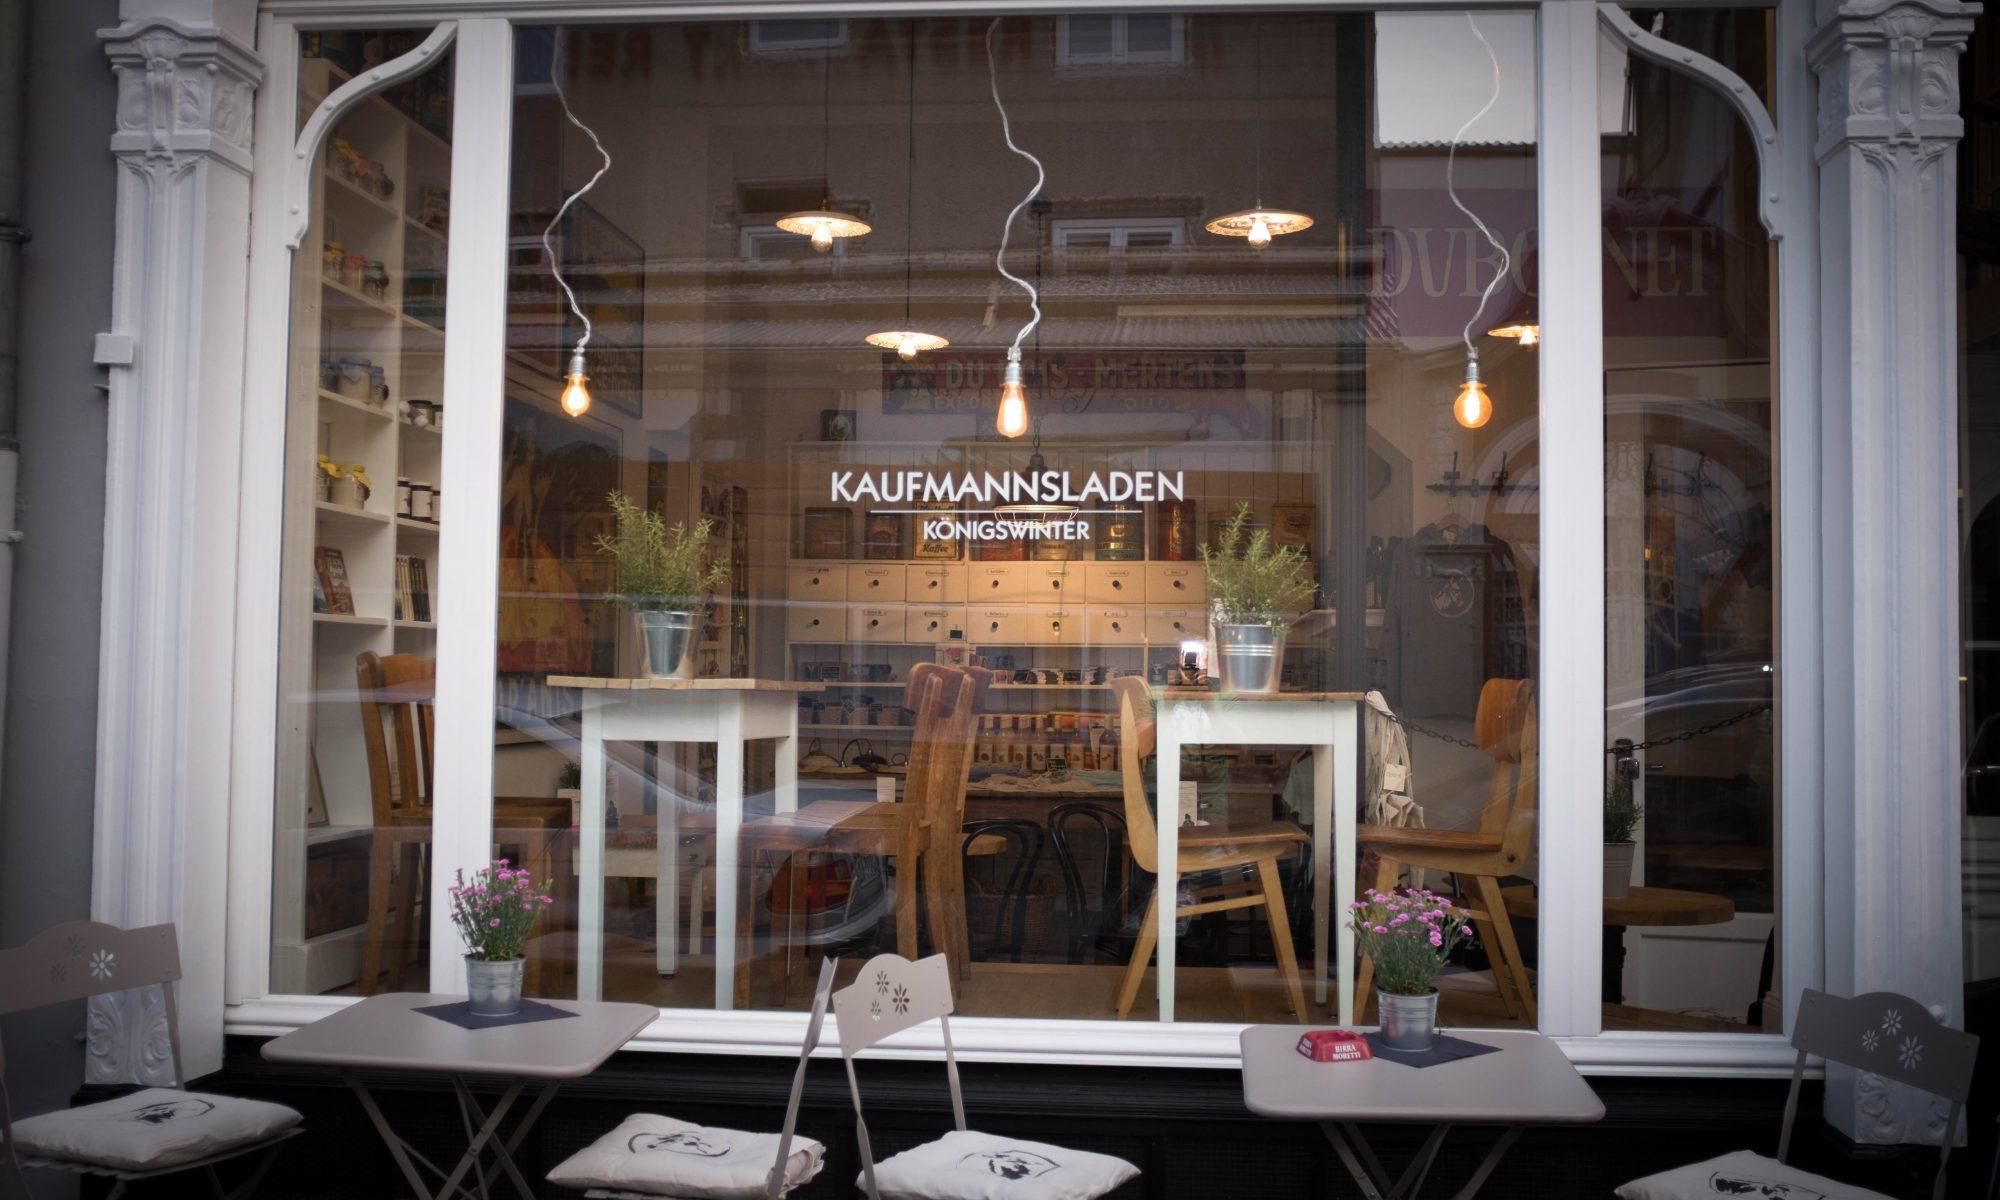 Kaufmannsladen Königswinter-Fenster-Schreinerei Gerards